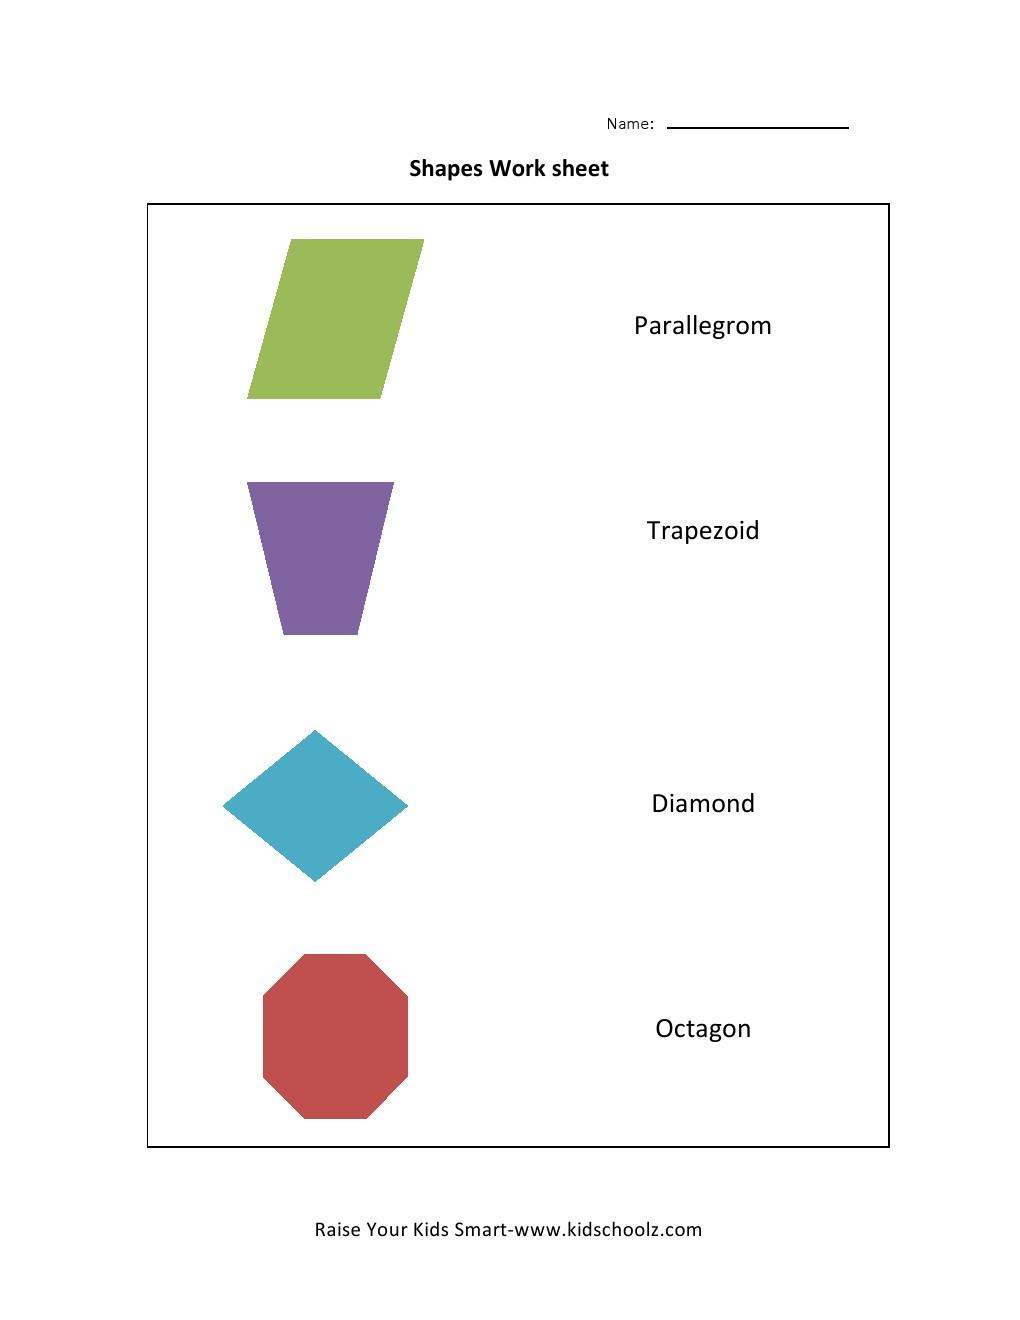 Free Worksheets year 2 shapes worksheet : Learning Shapes Worksheets 3 - Kidschoolz